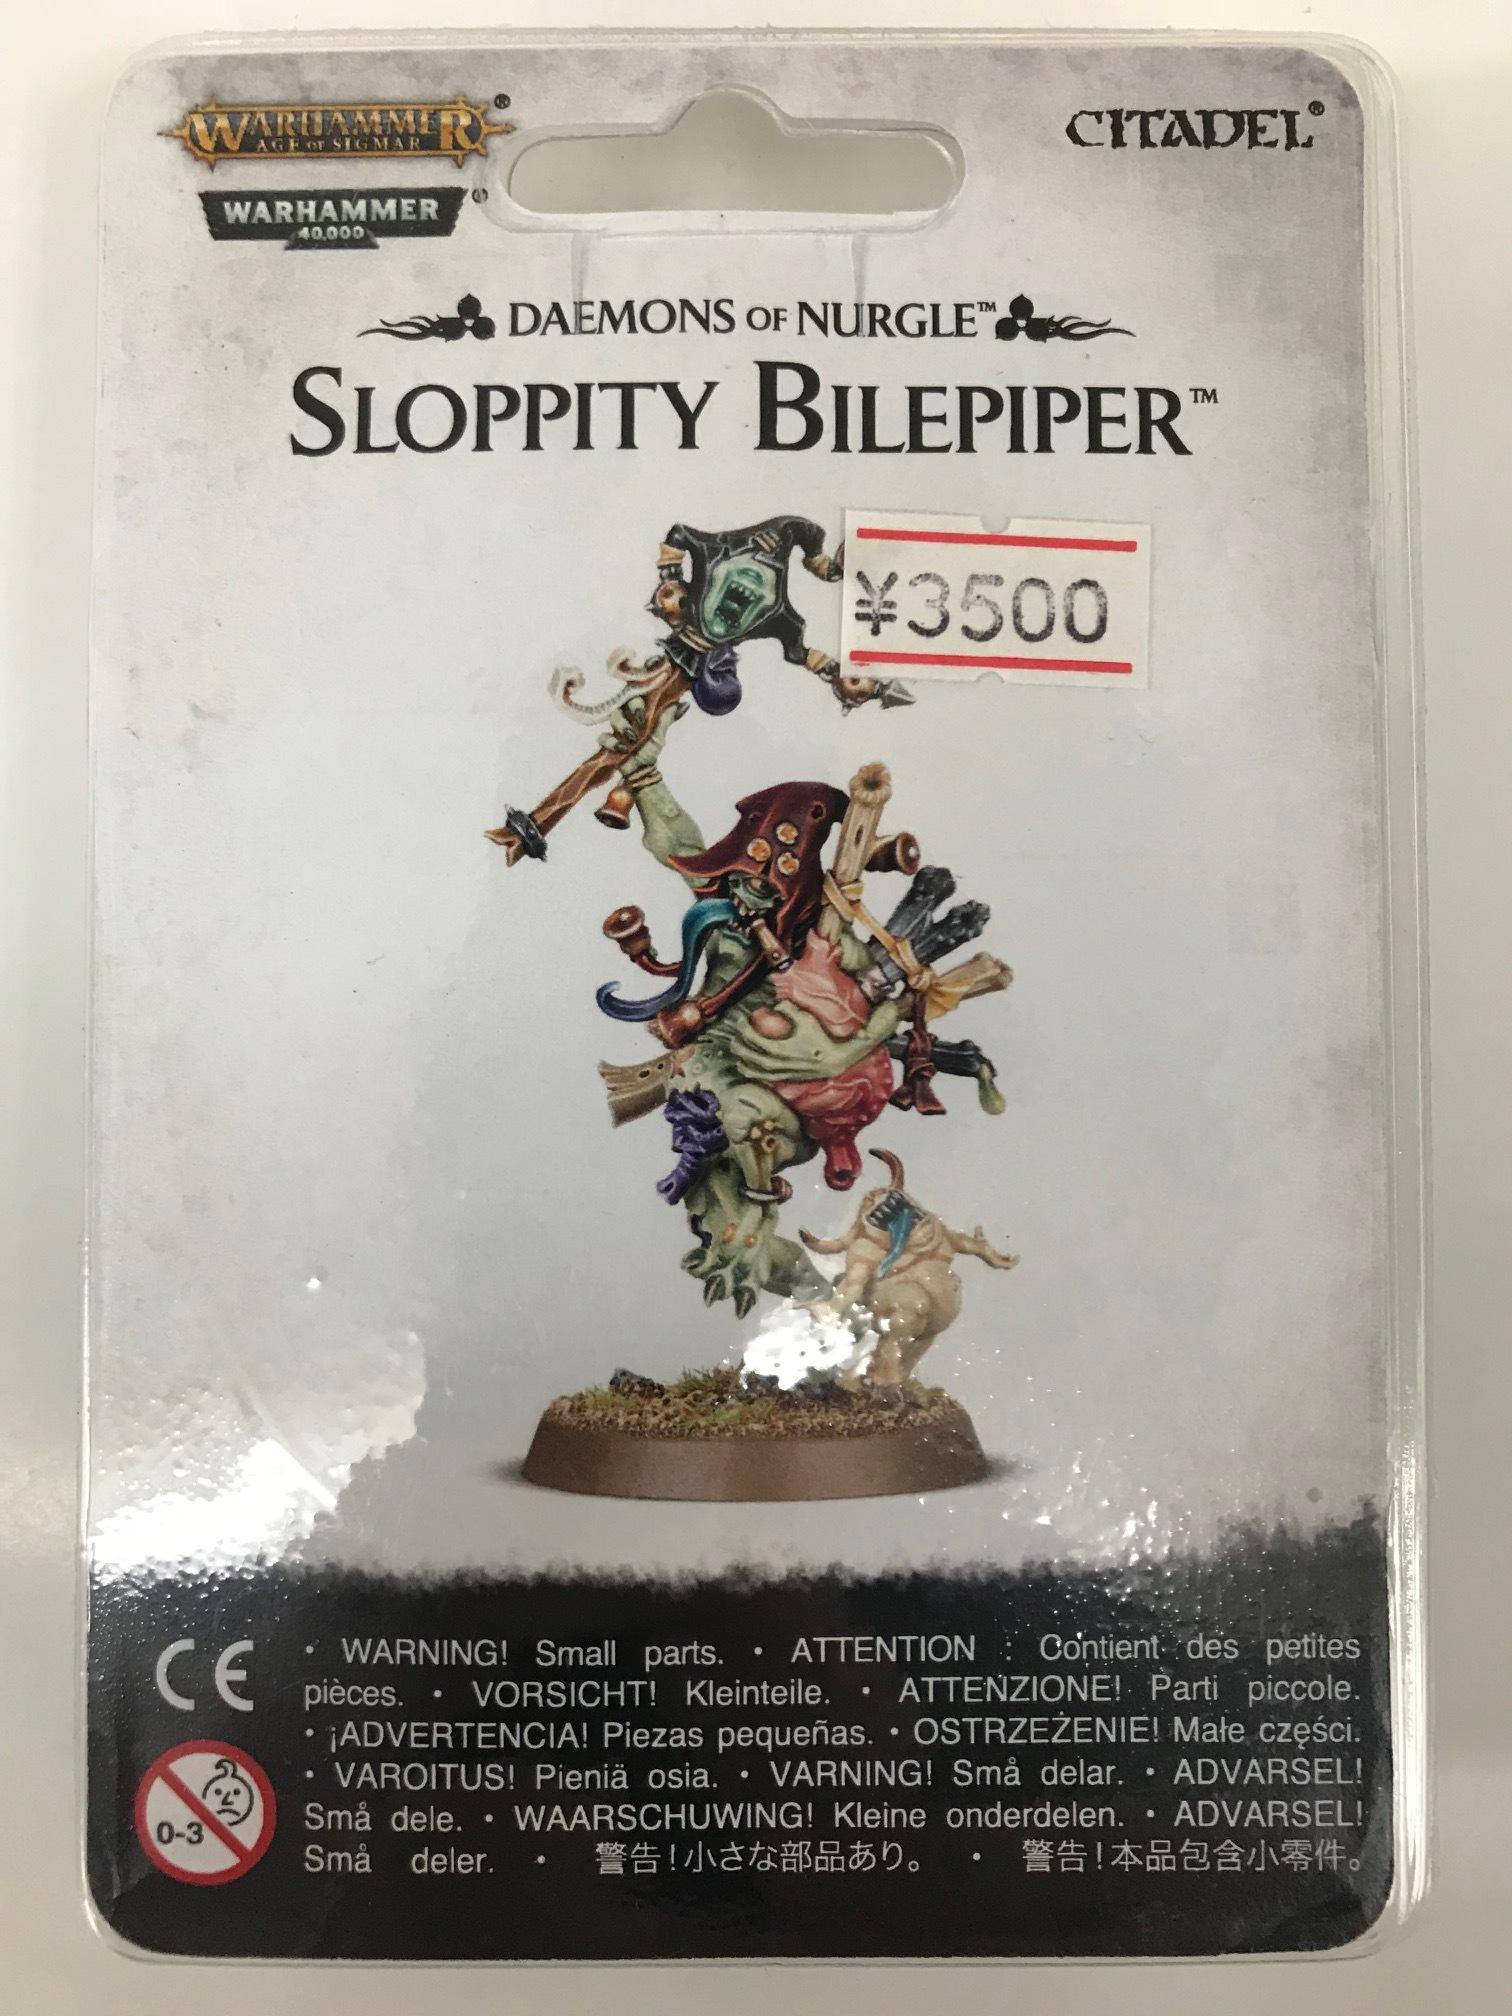 Sloppity Bilepiper Daemons of Nurgle